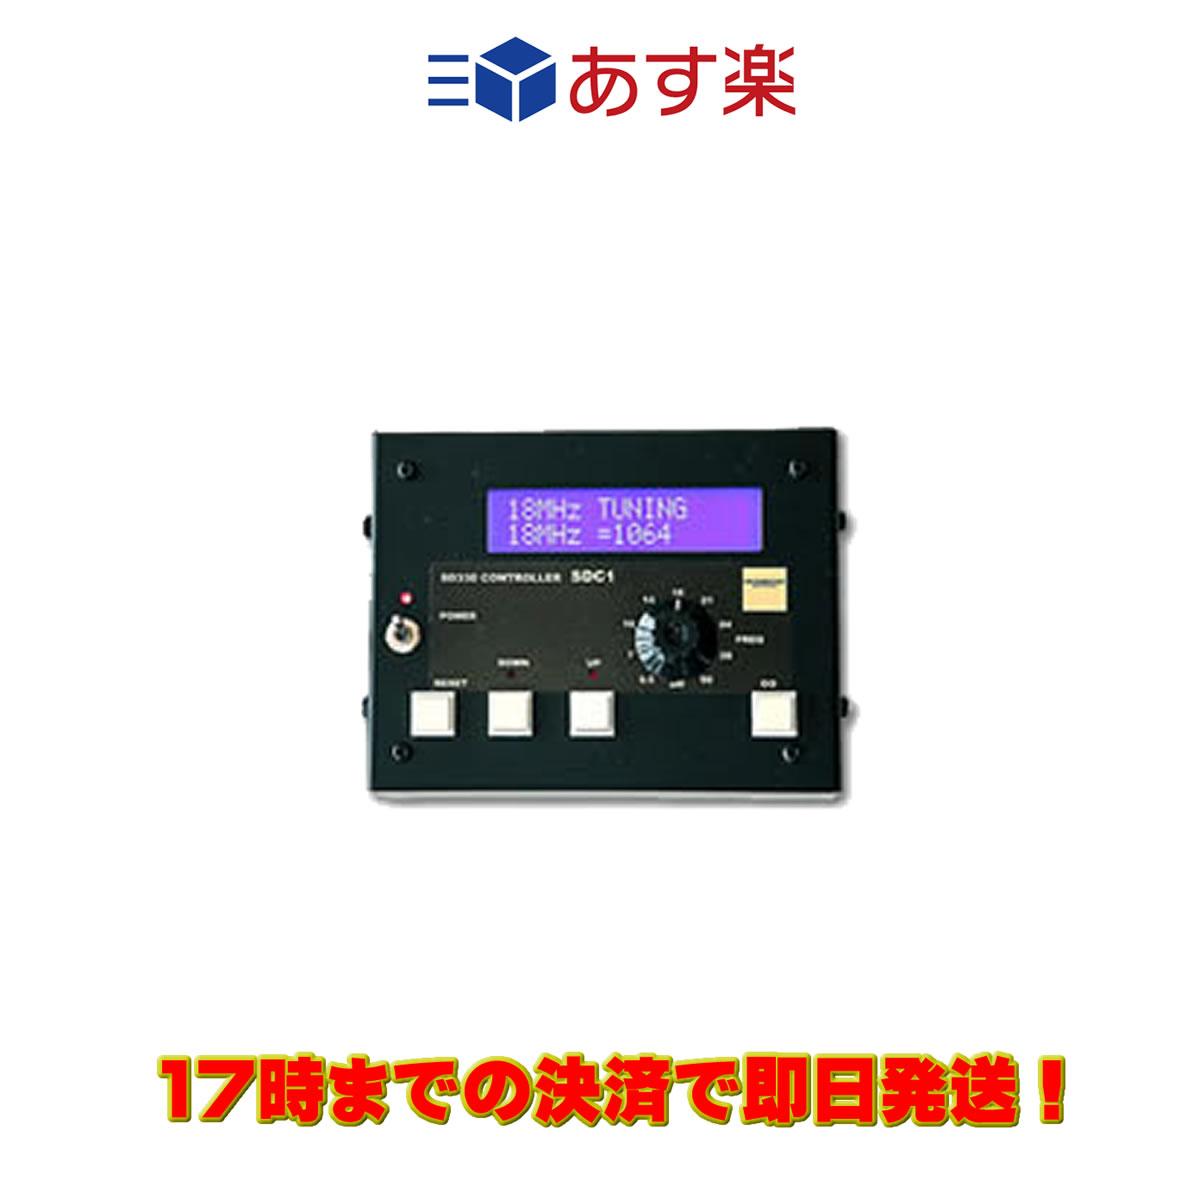 【ラッキーシール対応】 SDC1 ダイヤモンド SD330専用同調コントローラー